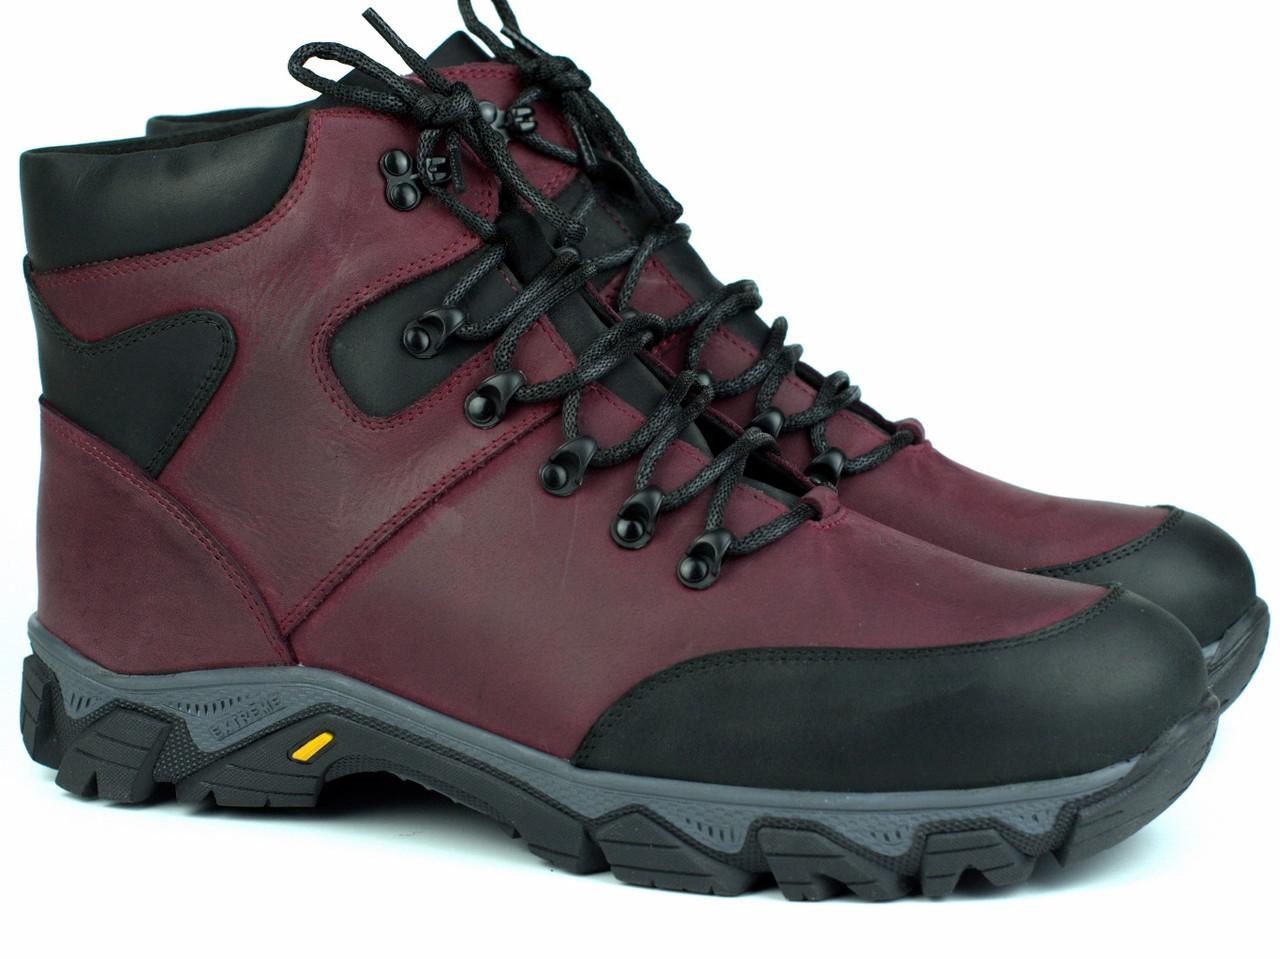 Зимние мужские бордовые кожаные трекинговые ботинки на овчине обувь Rosso Avangard Pro Lomerflex Burgu